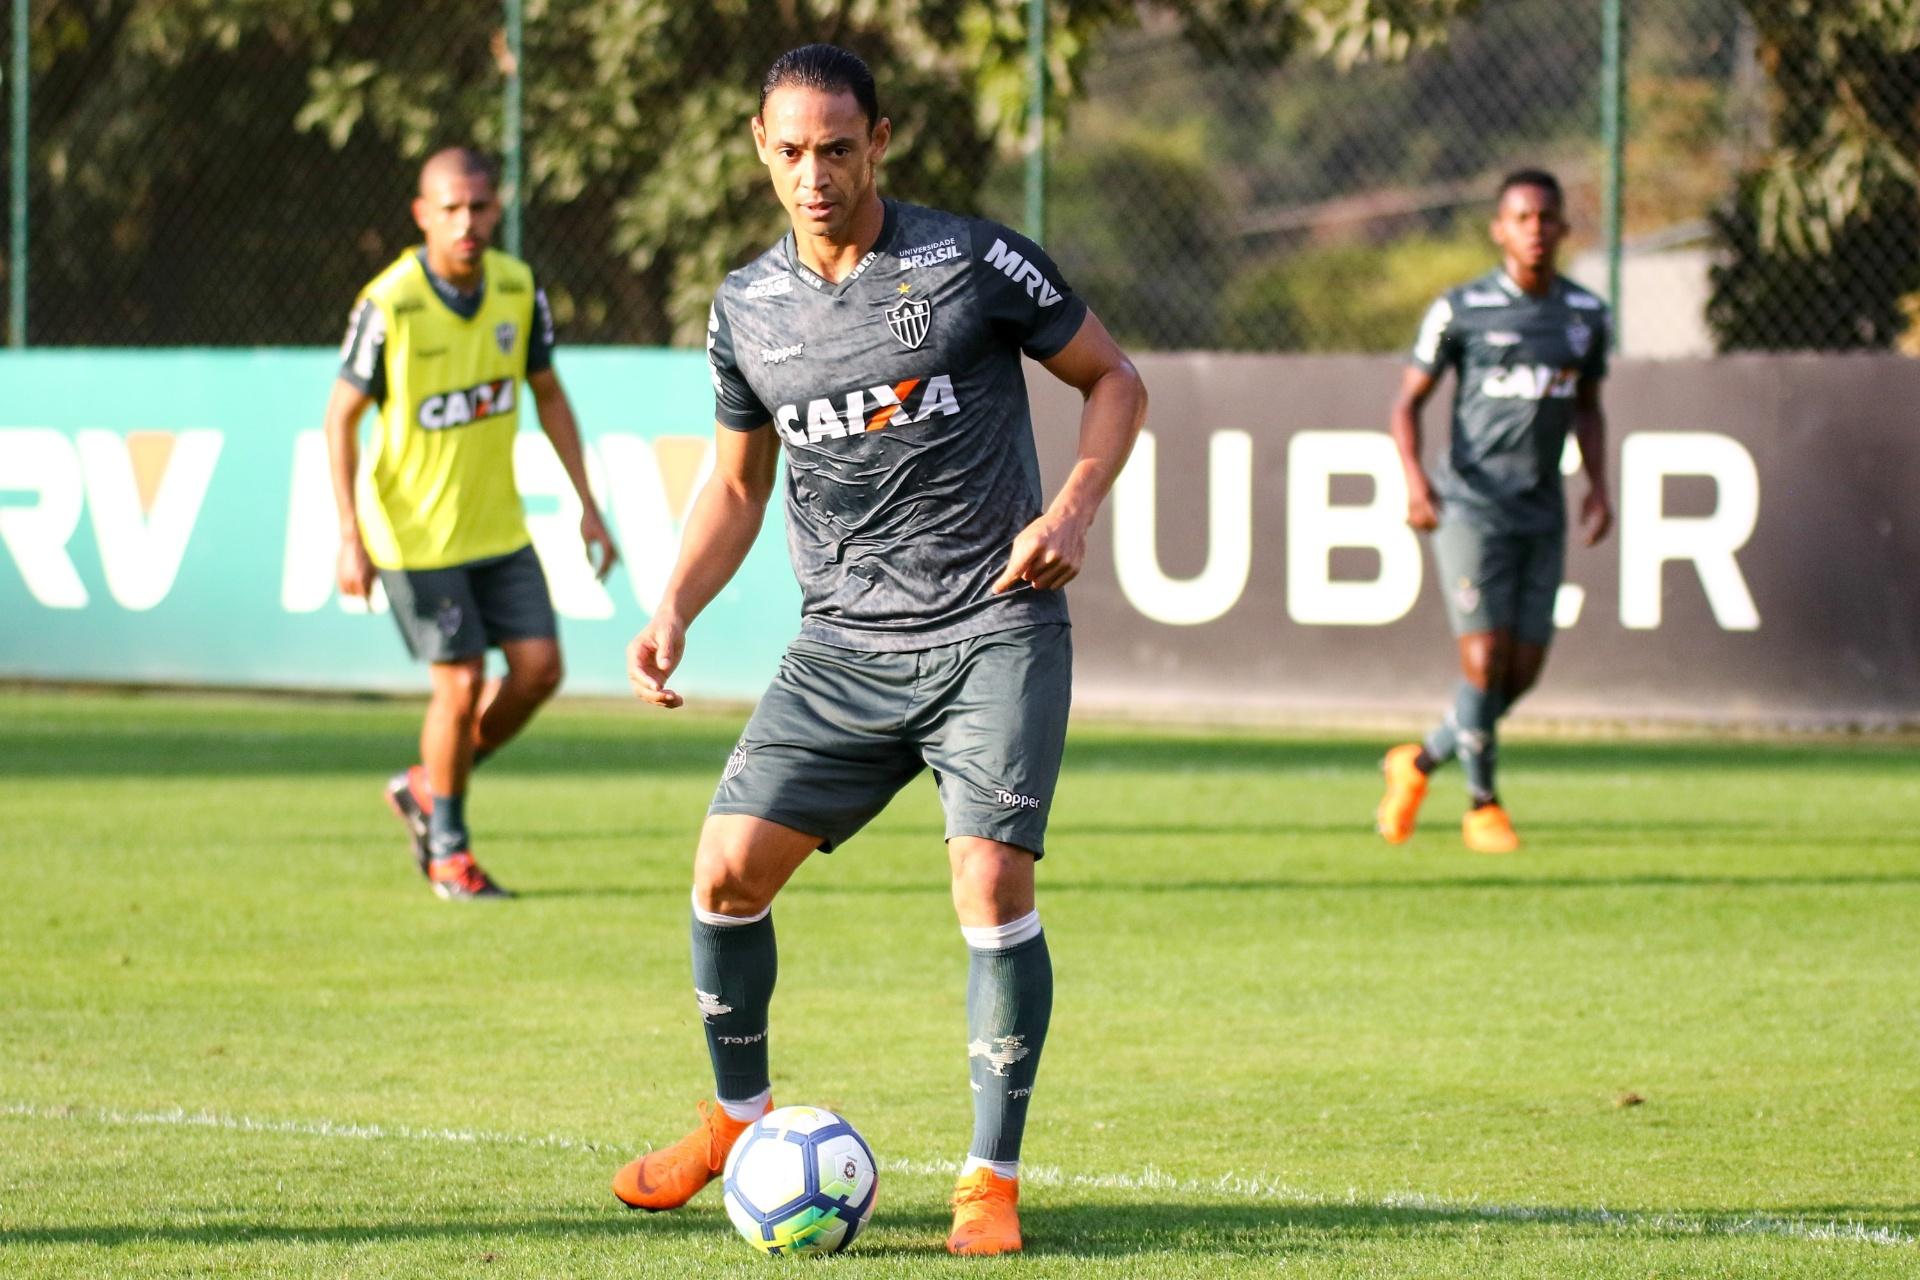 Atlético-MG conta com voltas de Ricardo Oliveira e Cazares contra América -  09 10 2018 - UOL Esporte 0274c9a34d021